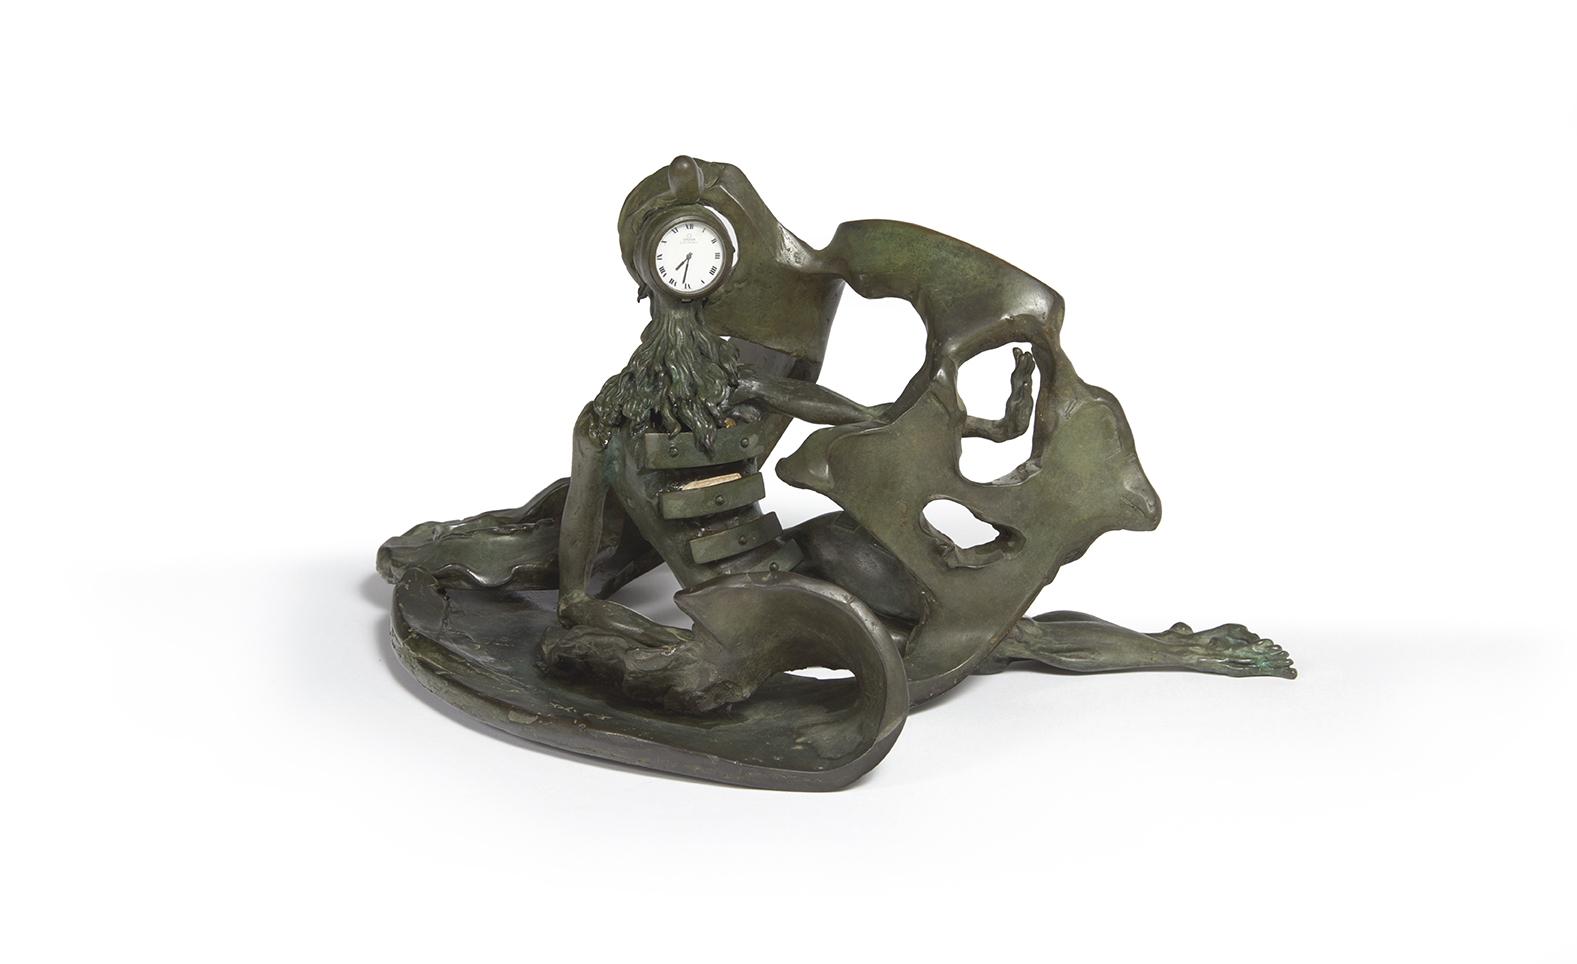 Salvador Dalí (1904-1989), La Prémonition des tiroirs, 1973, bronze à patine verte, épreuve d'artiste signée, 20,5x39cm. Estimation: 2